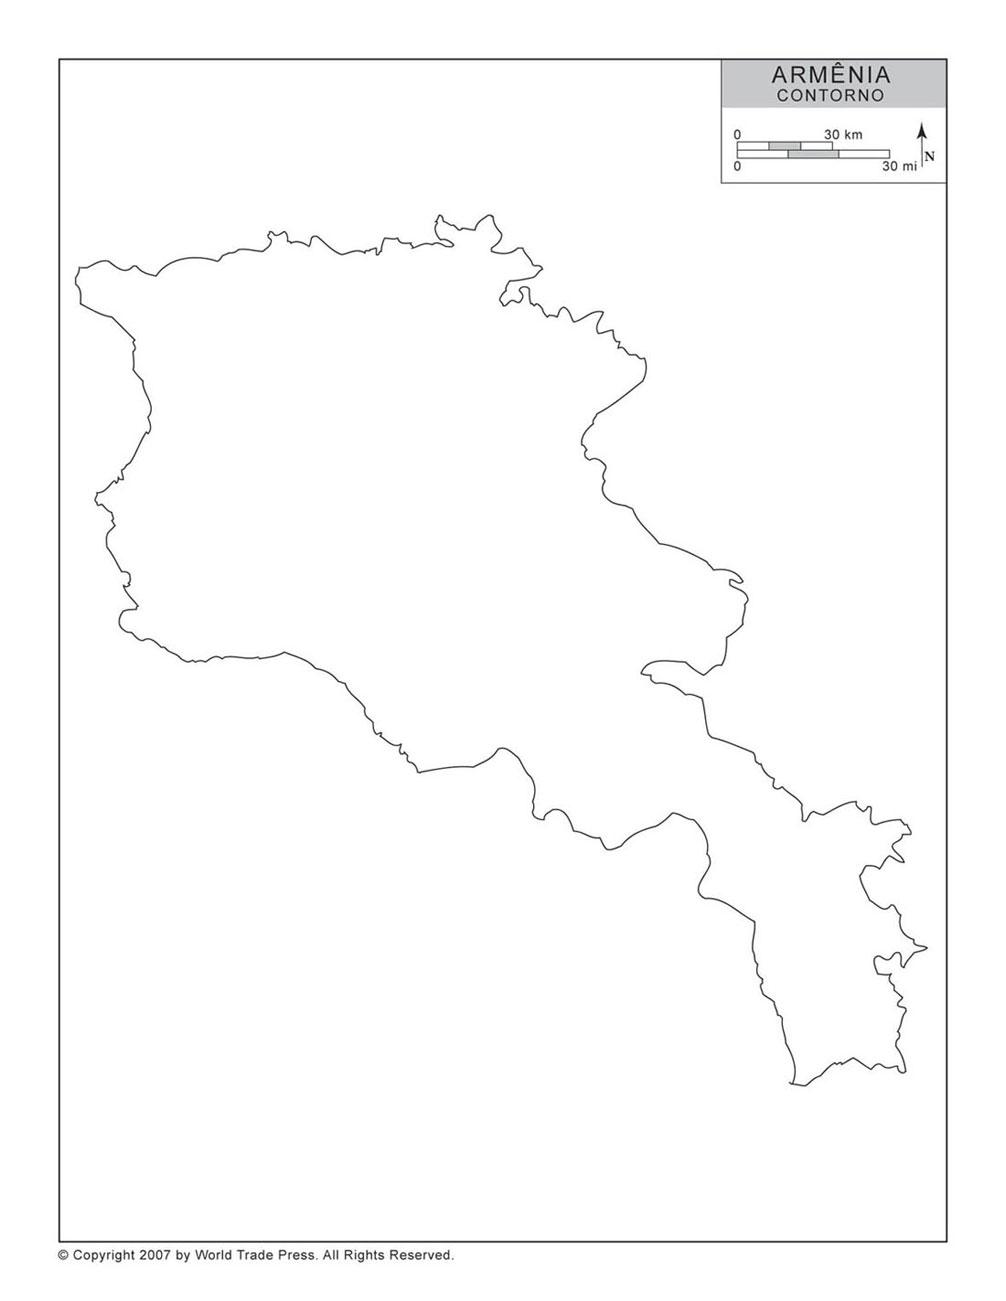 Mapa da Armênia com Contorno